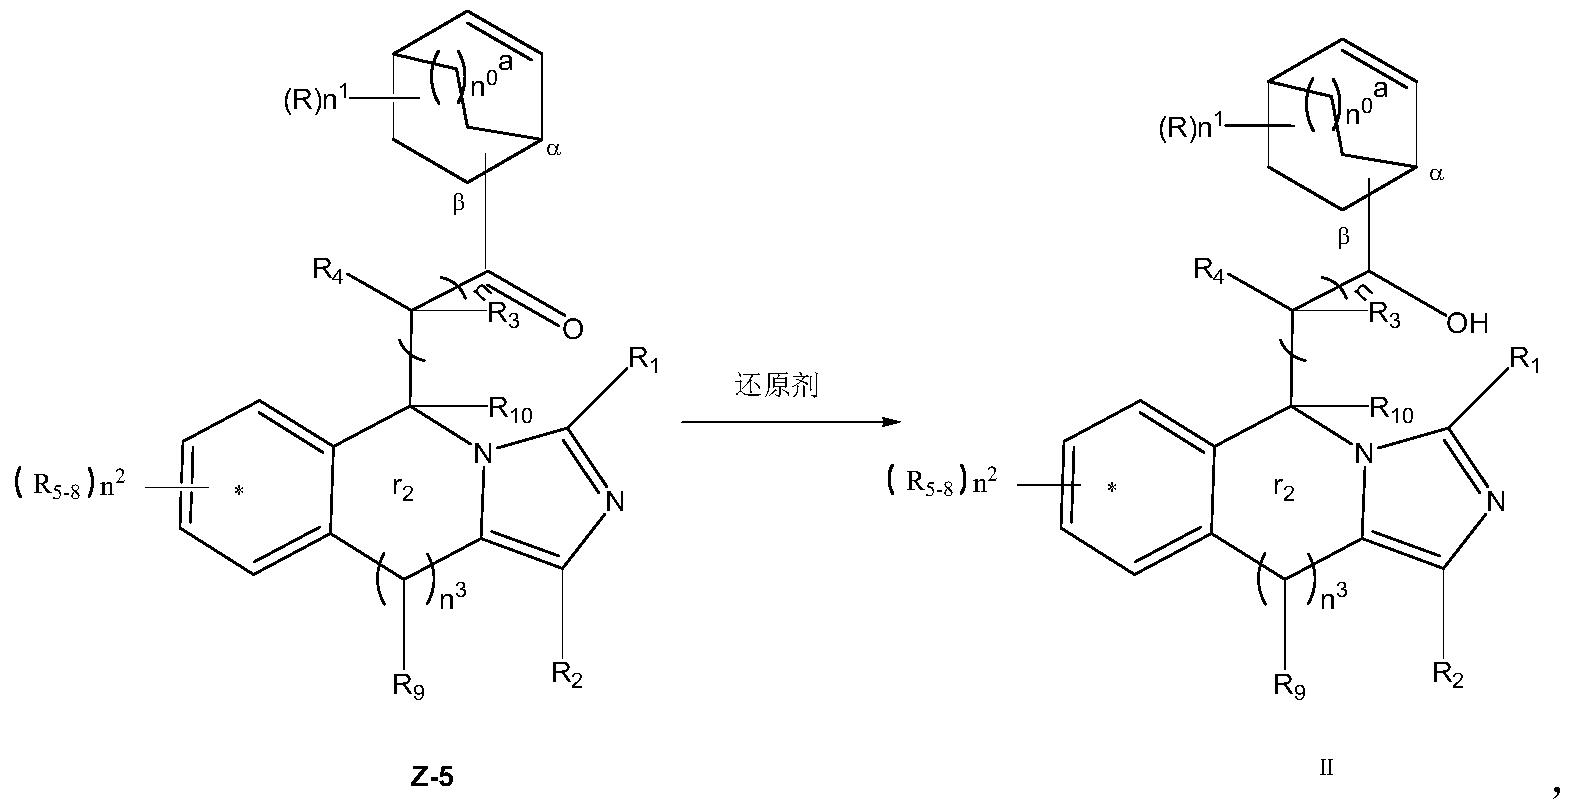 Figure PCTCN2017084604-appb-100029